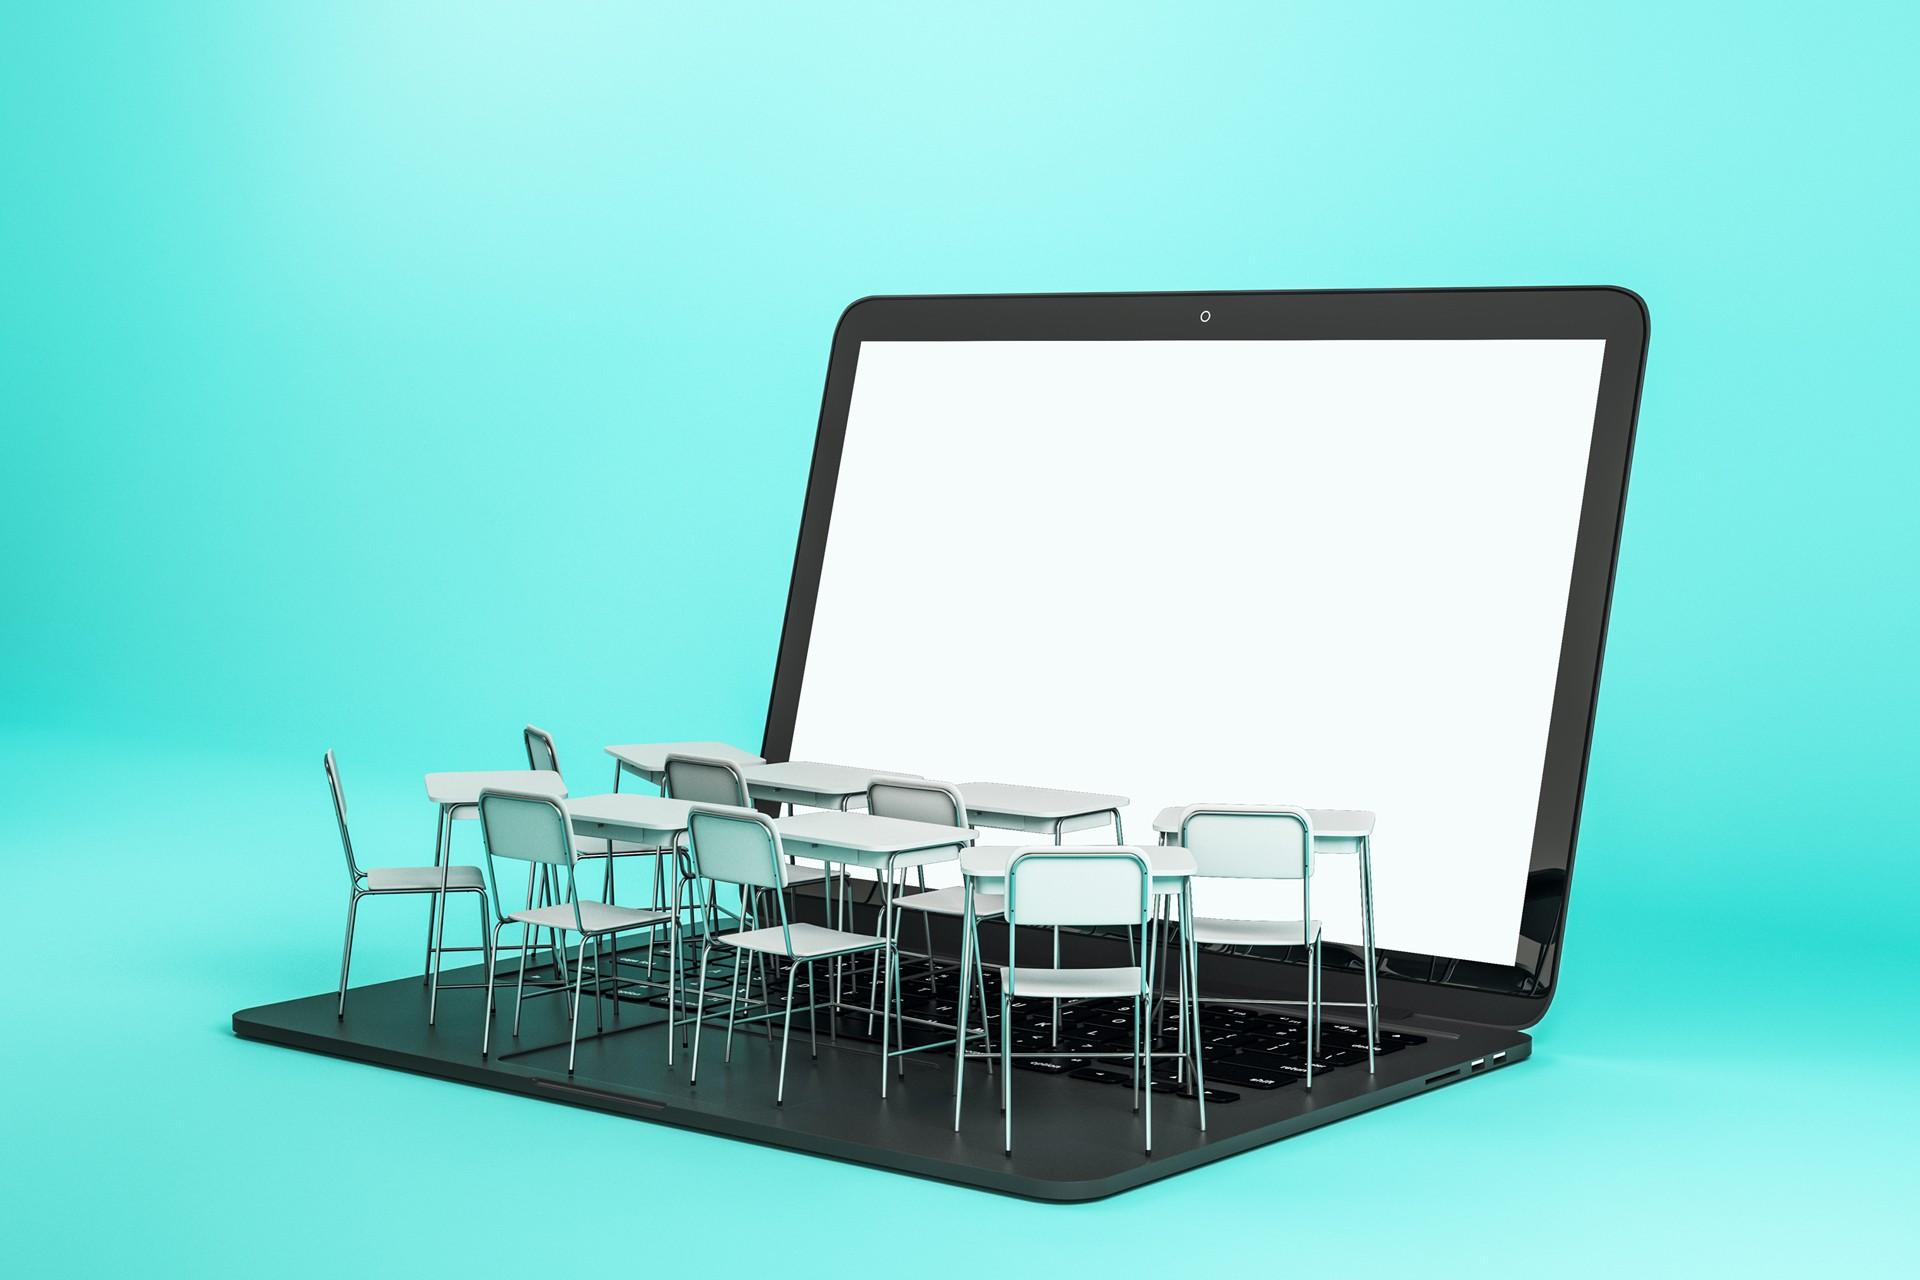 Laptop vor türkisfarbigem Hintergrund. Auf der Tastatur steht eine Klassenzimmer-Einrichtung.